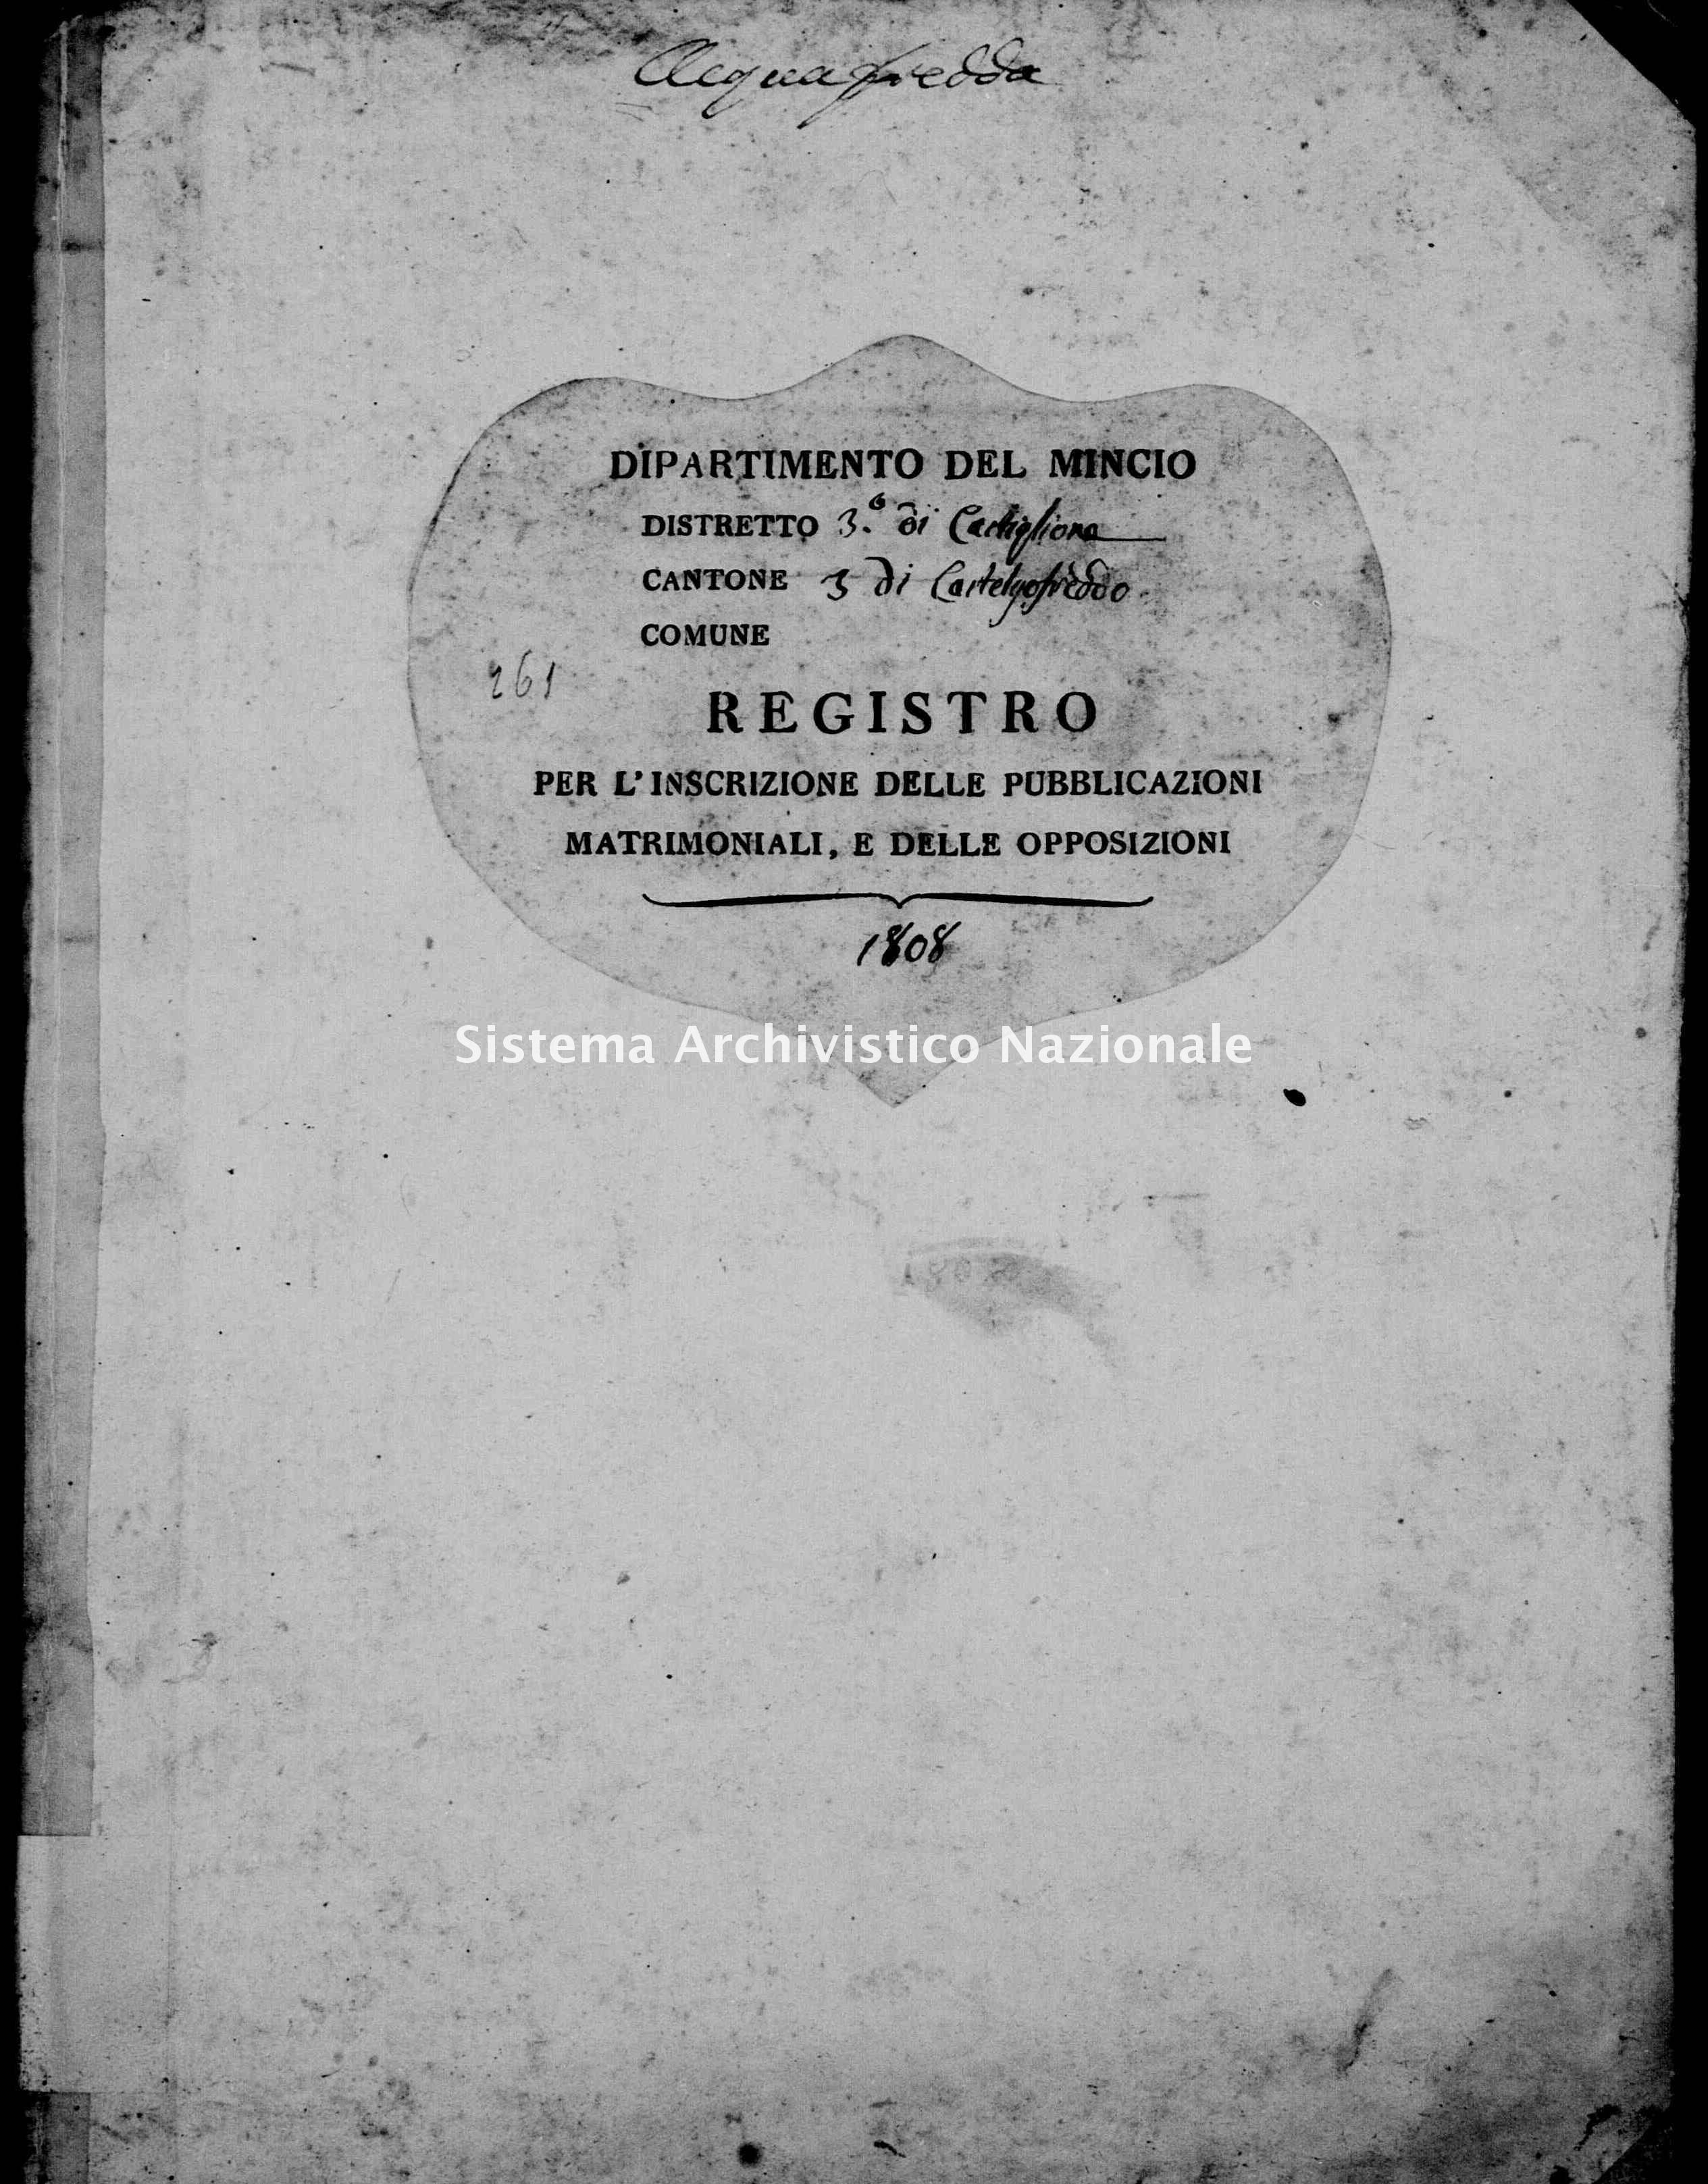 Archivio di stato di Mantova - Stato civile e anagrafe del Dipartimento del Mincio - Acquafredda-(frazione-di-Casalmoro) - Matrimoni pubblicazioni e opposizioni - 1808 - 261 -